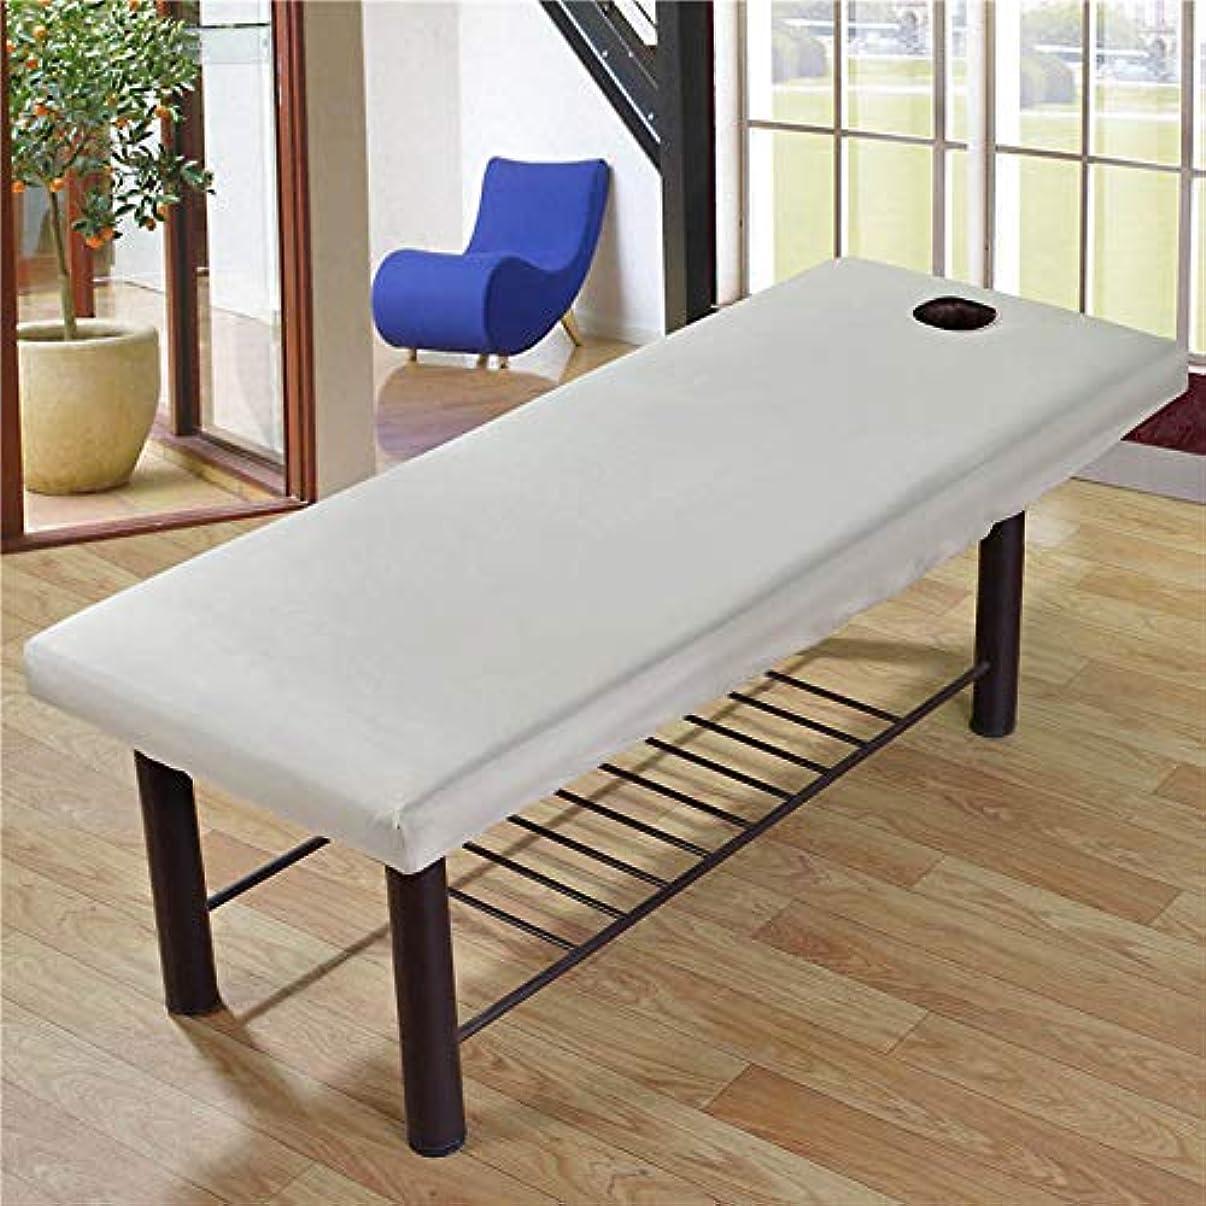 経済輸送封筒Profeel 美容院のマッサージ療法のベッドのための柔らかいSoliod色の長方形のマットレス